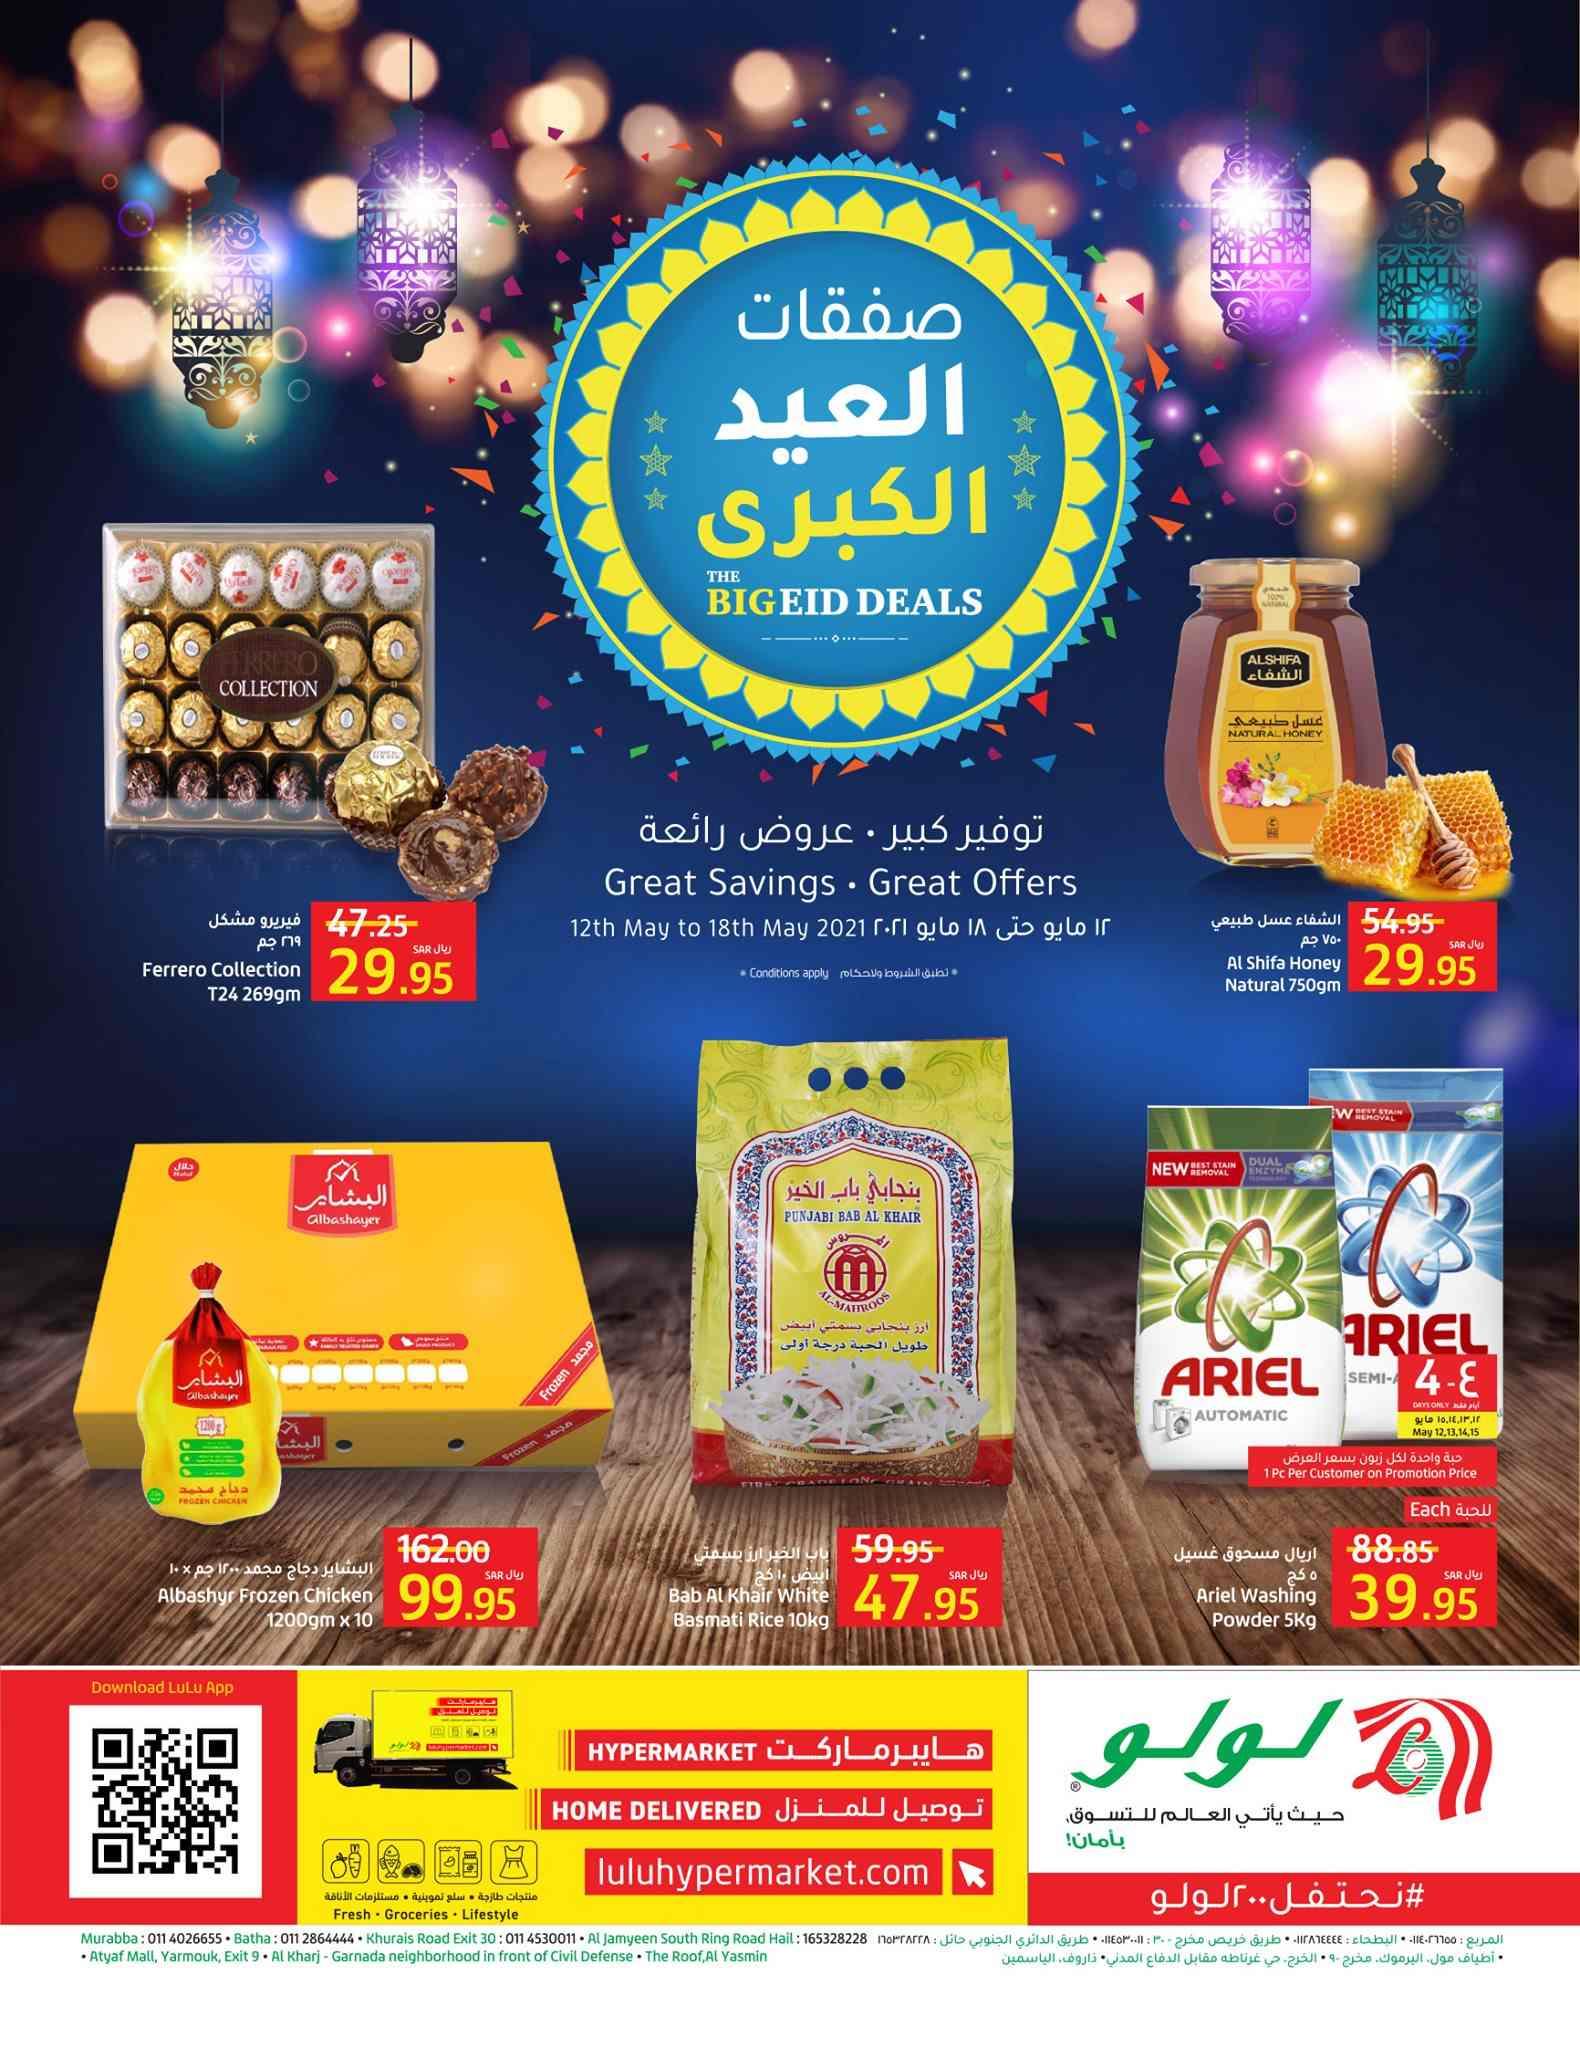 عروض لولو الرياض اليوم 12 مايو حتى 18 مايو 2021 صفقات العيد الكبرى